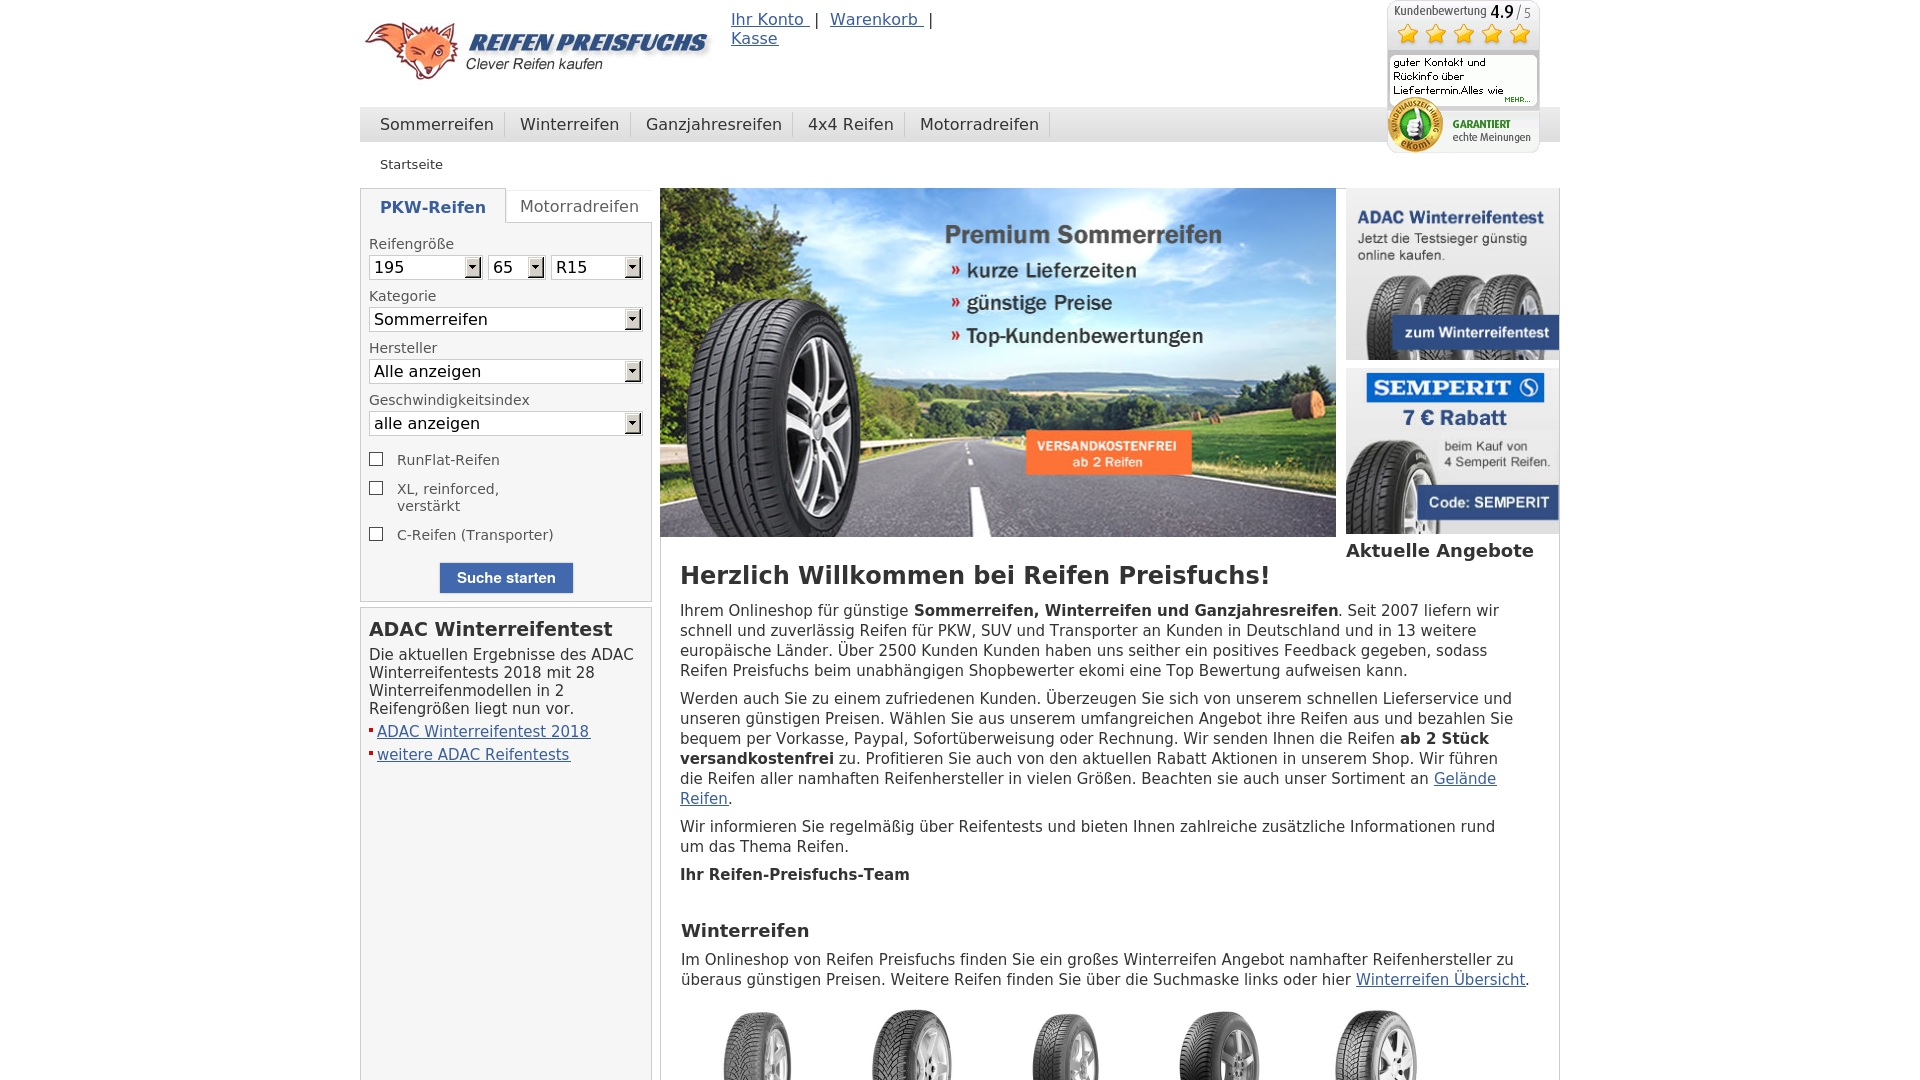 Gutschein für Reifen-preisfuchs: Rabatte für  Reifen-preisfuchs sichern